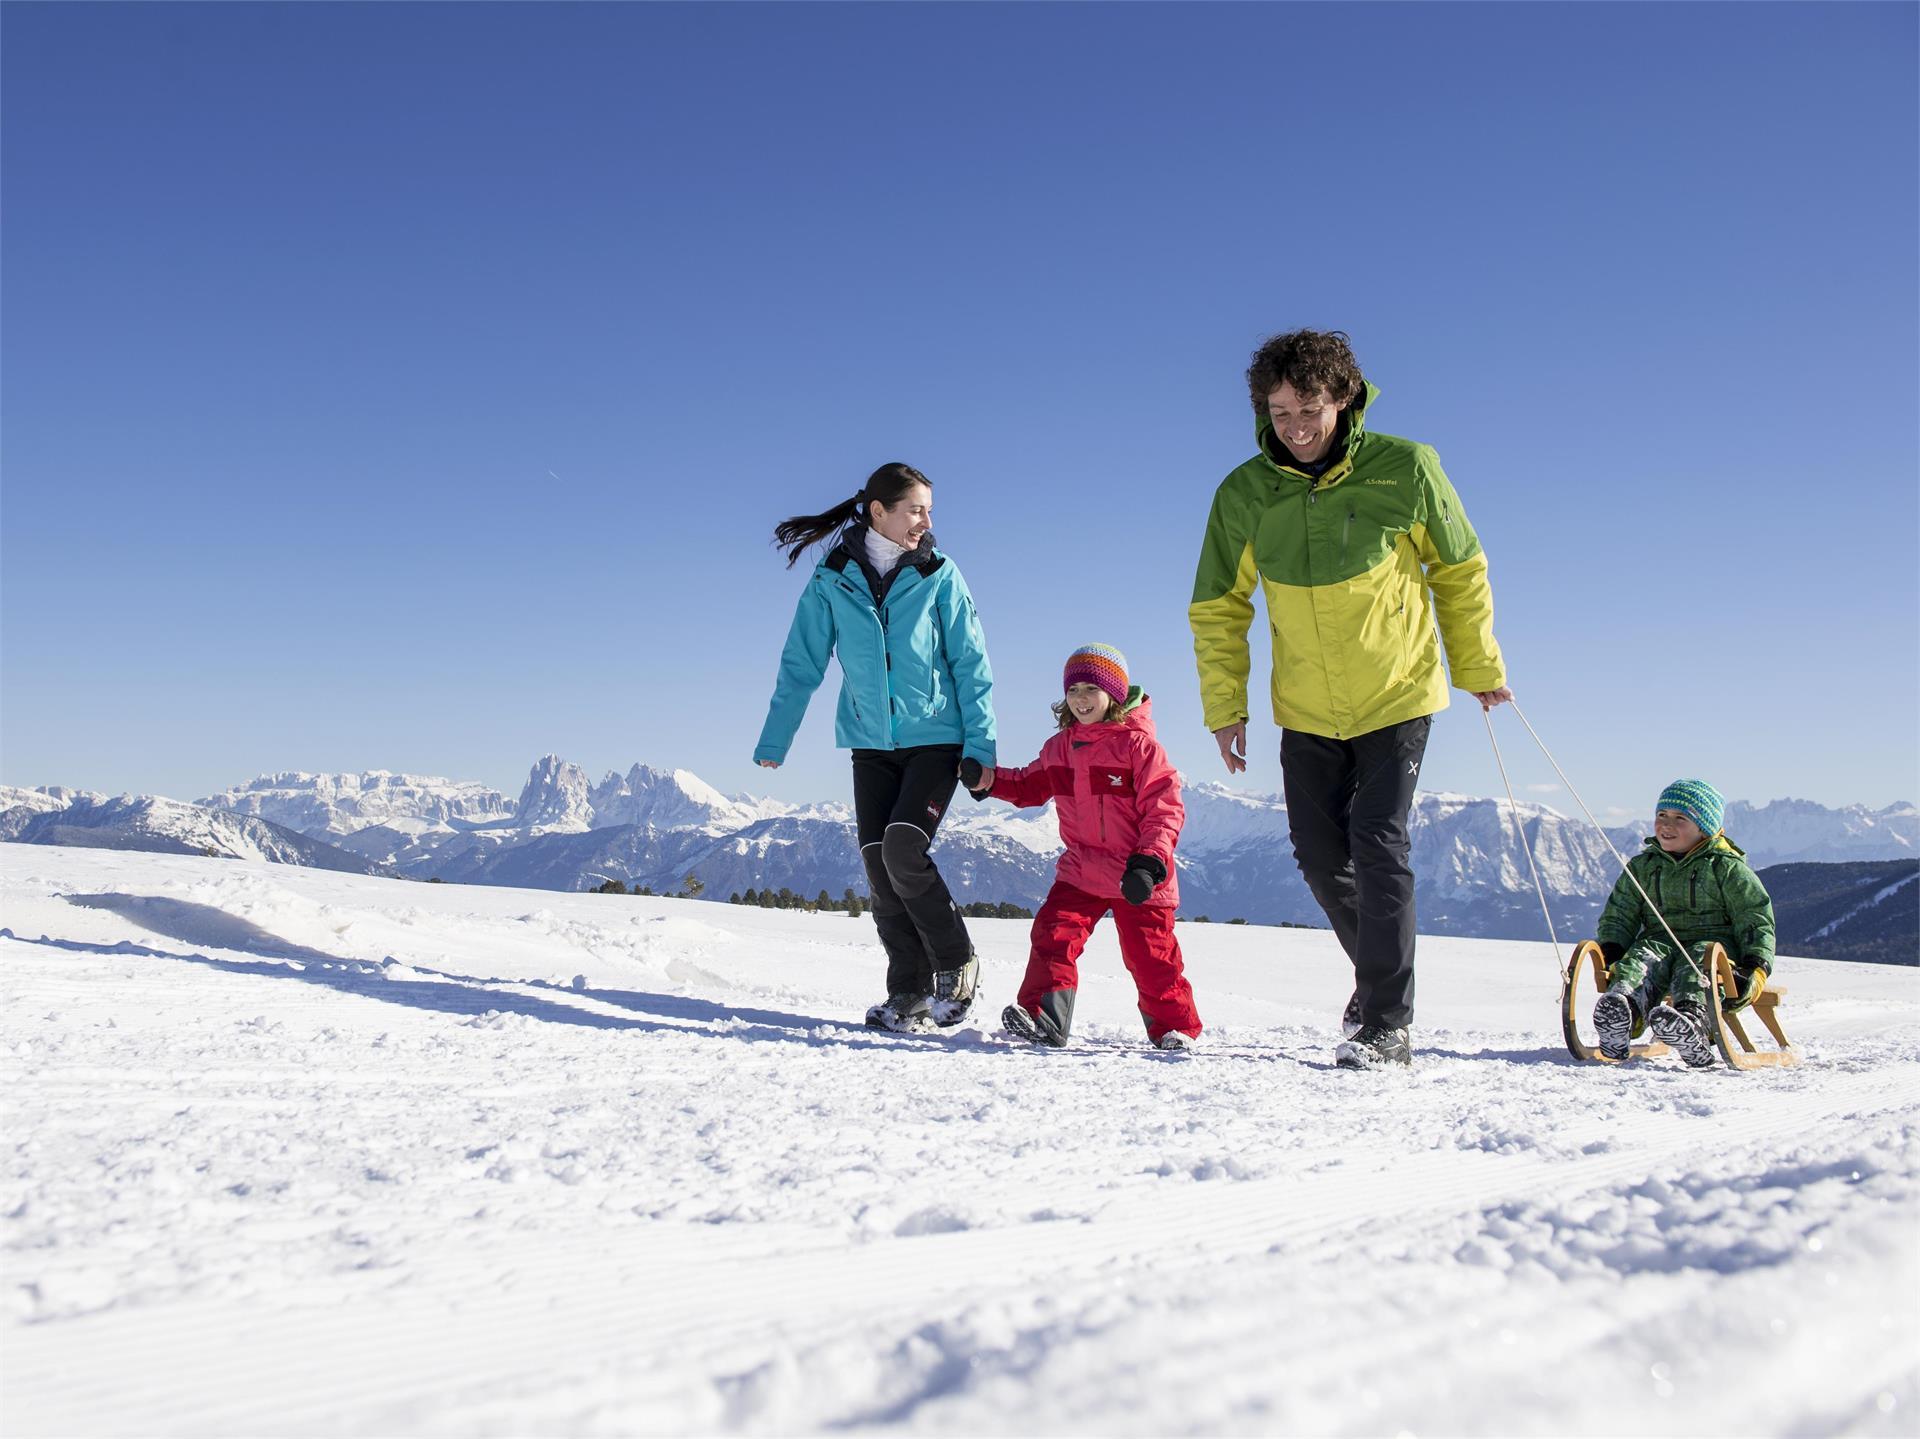 Winterwanderung: Gasserhütte - Stöfflhütte